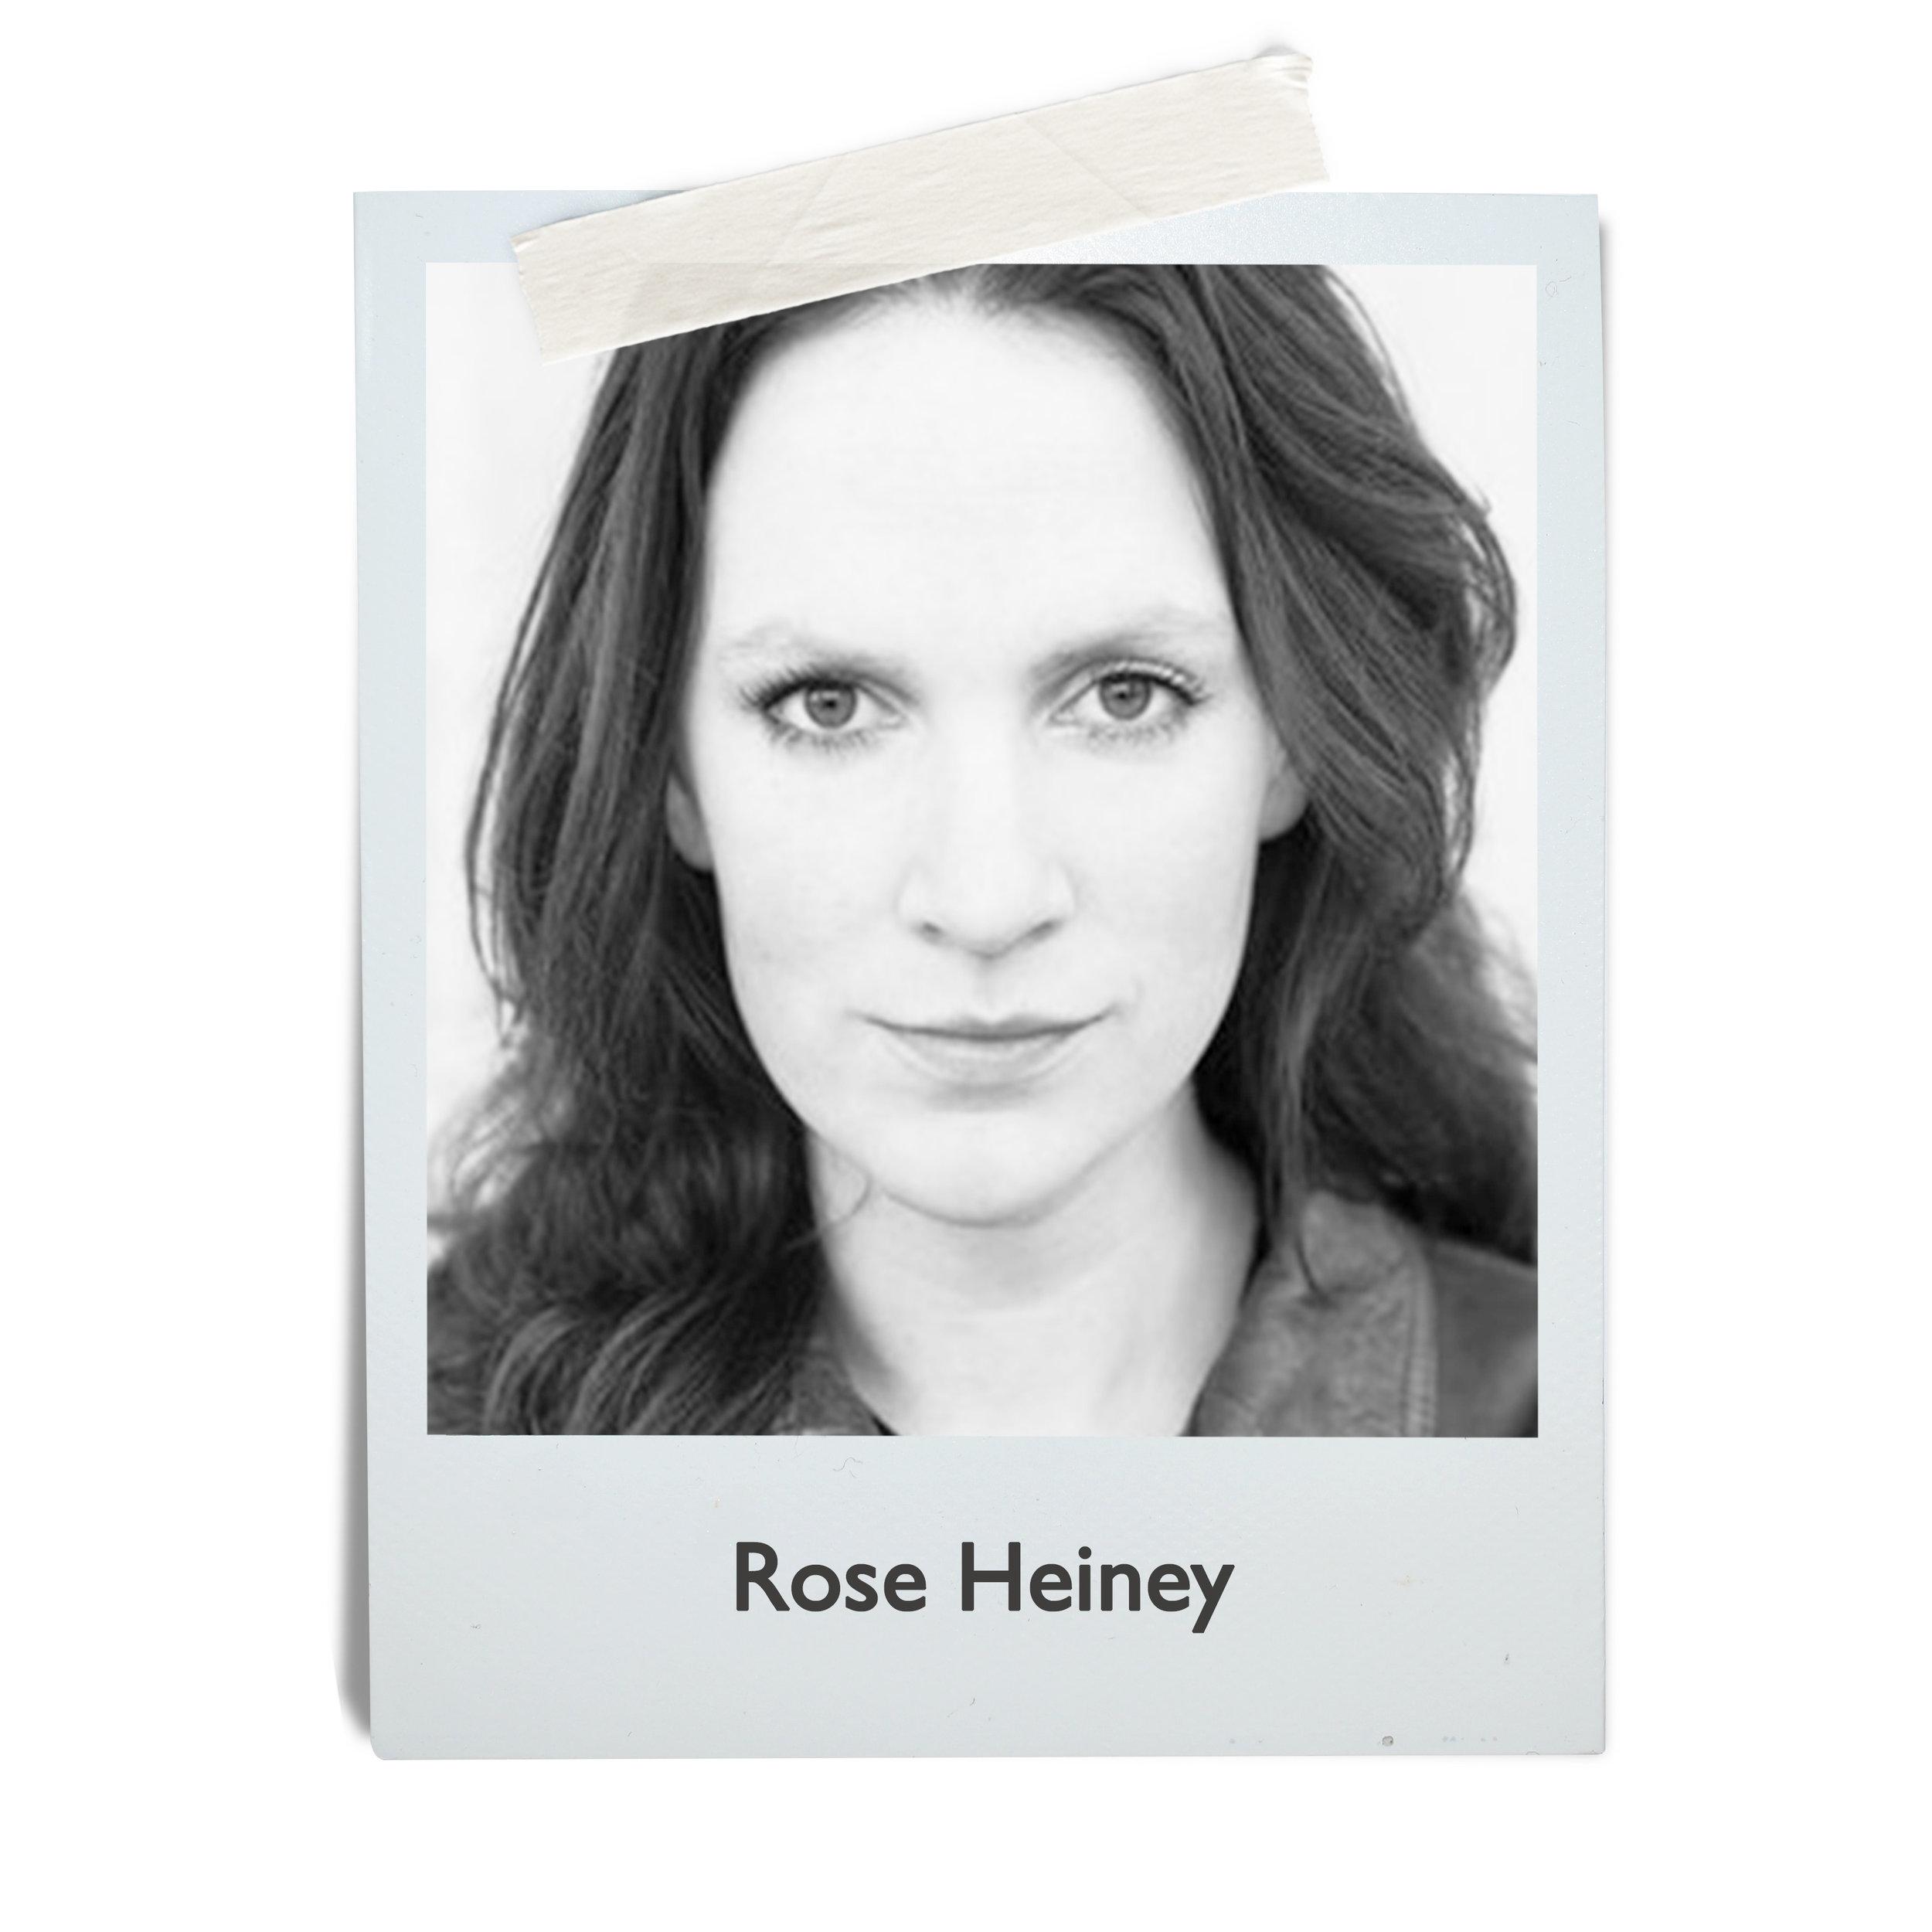 Rose Heiney